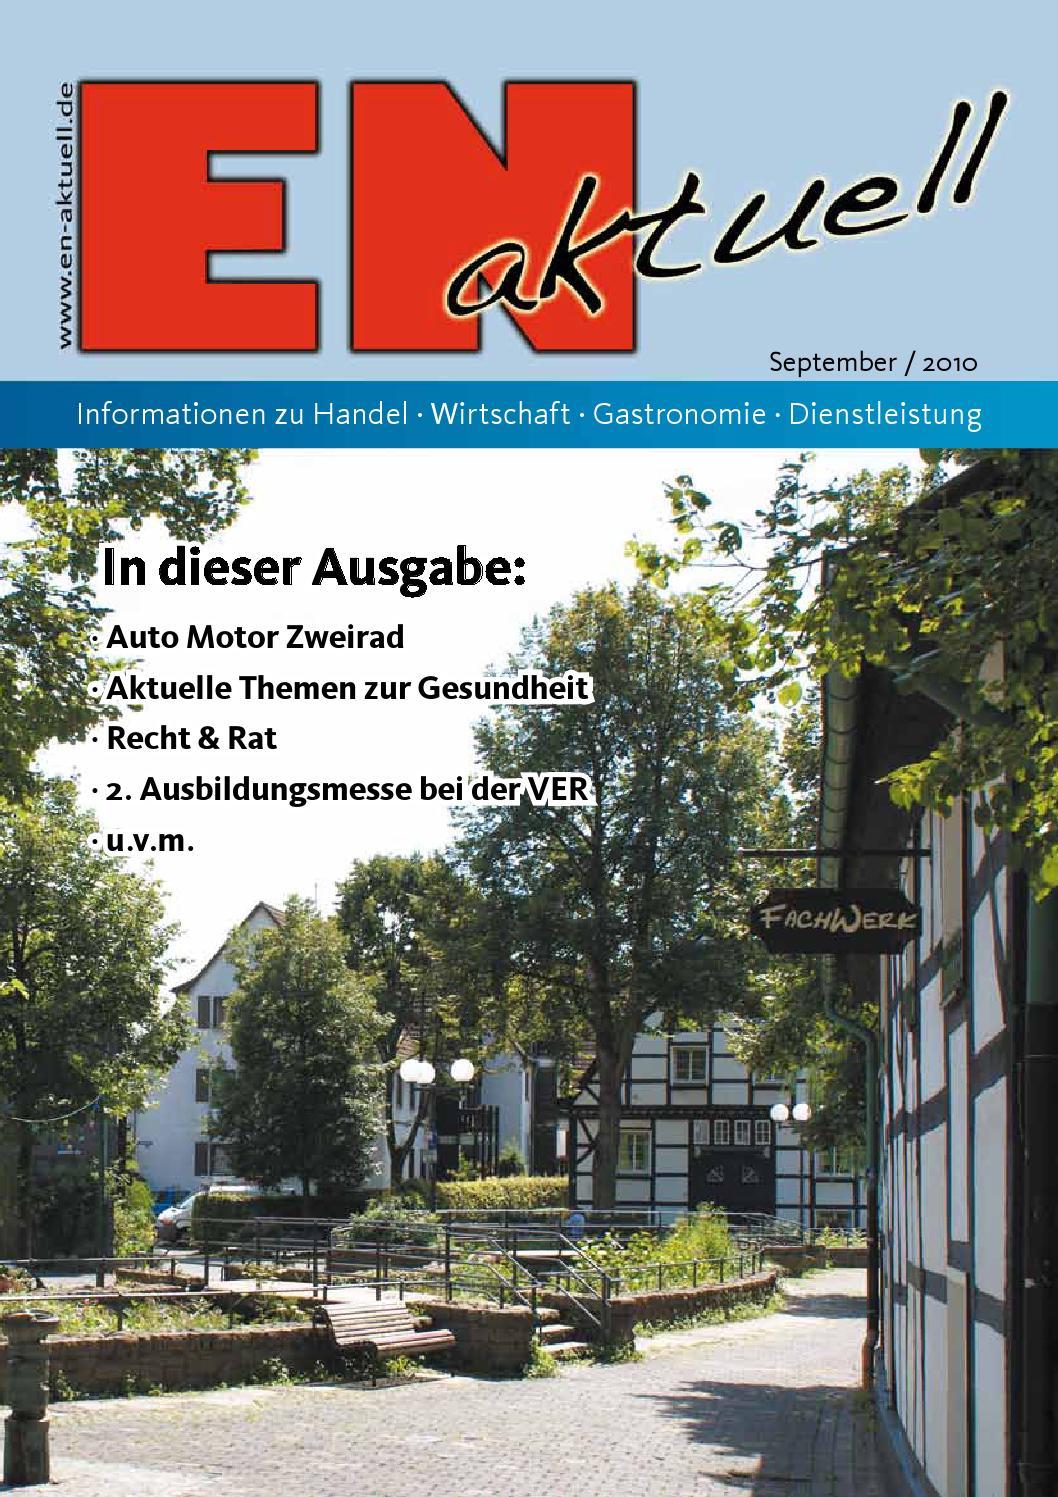 ENaktuell 8 / 2010 by EN-aktuell - issuu